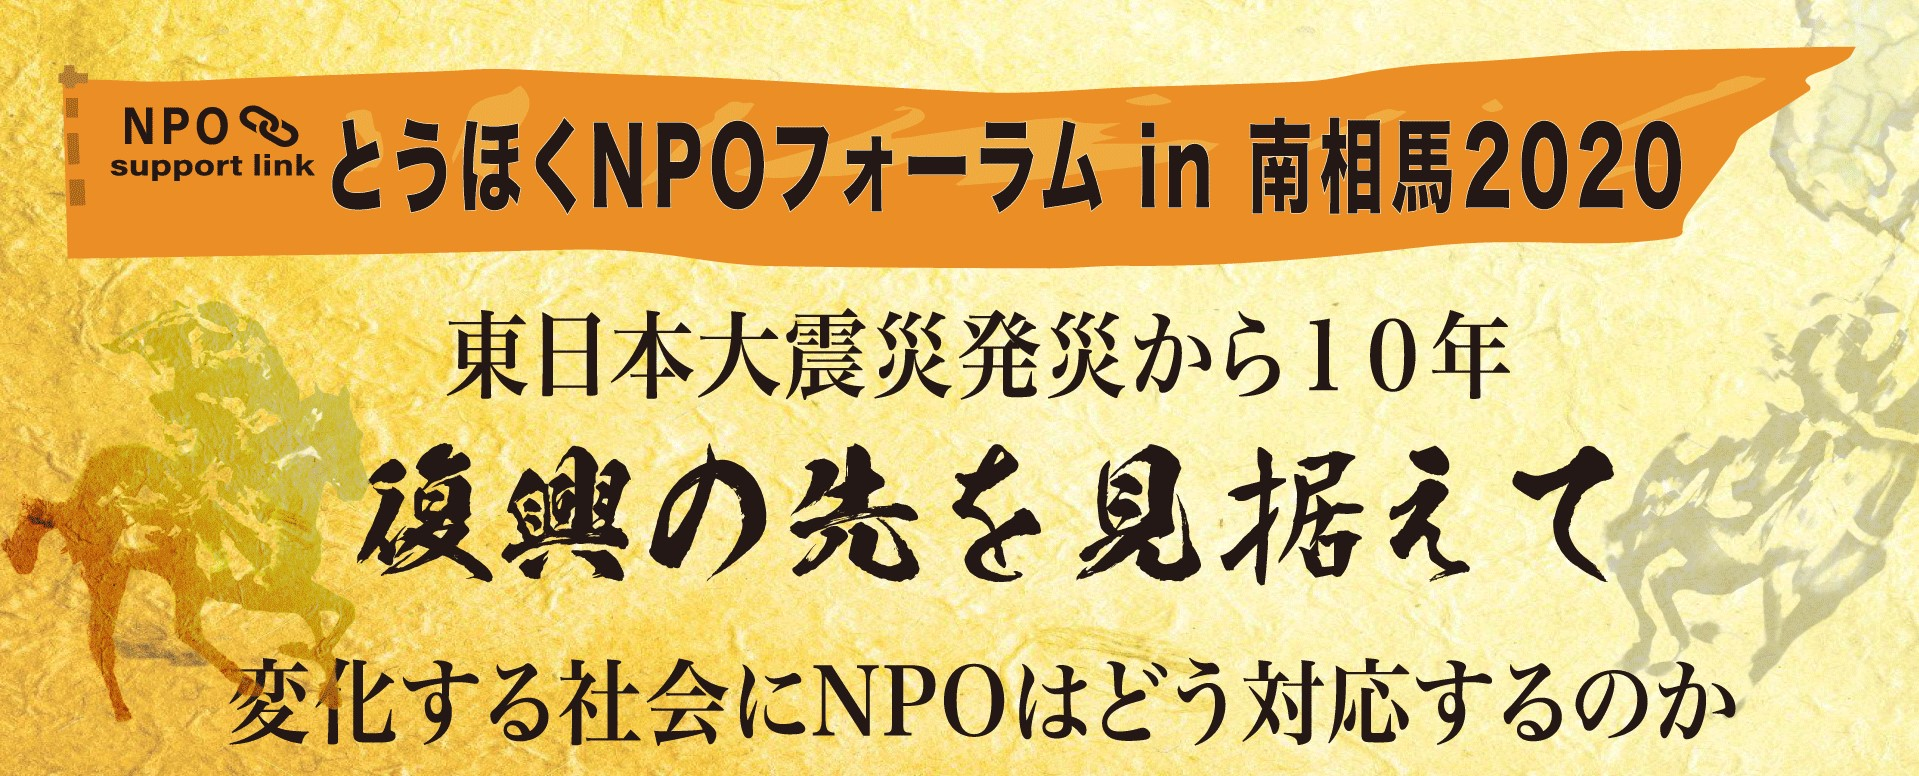 とうほくNPOフォーラムin南相馬2020 開催報告ページを公開しました!!